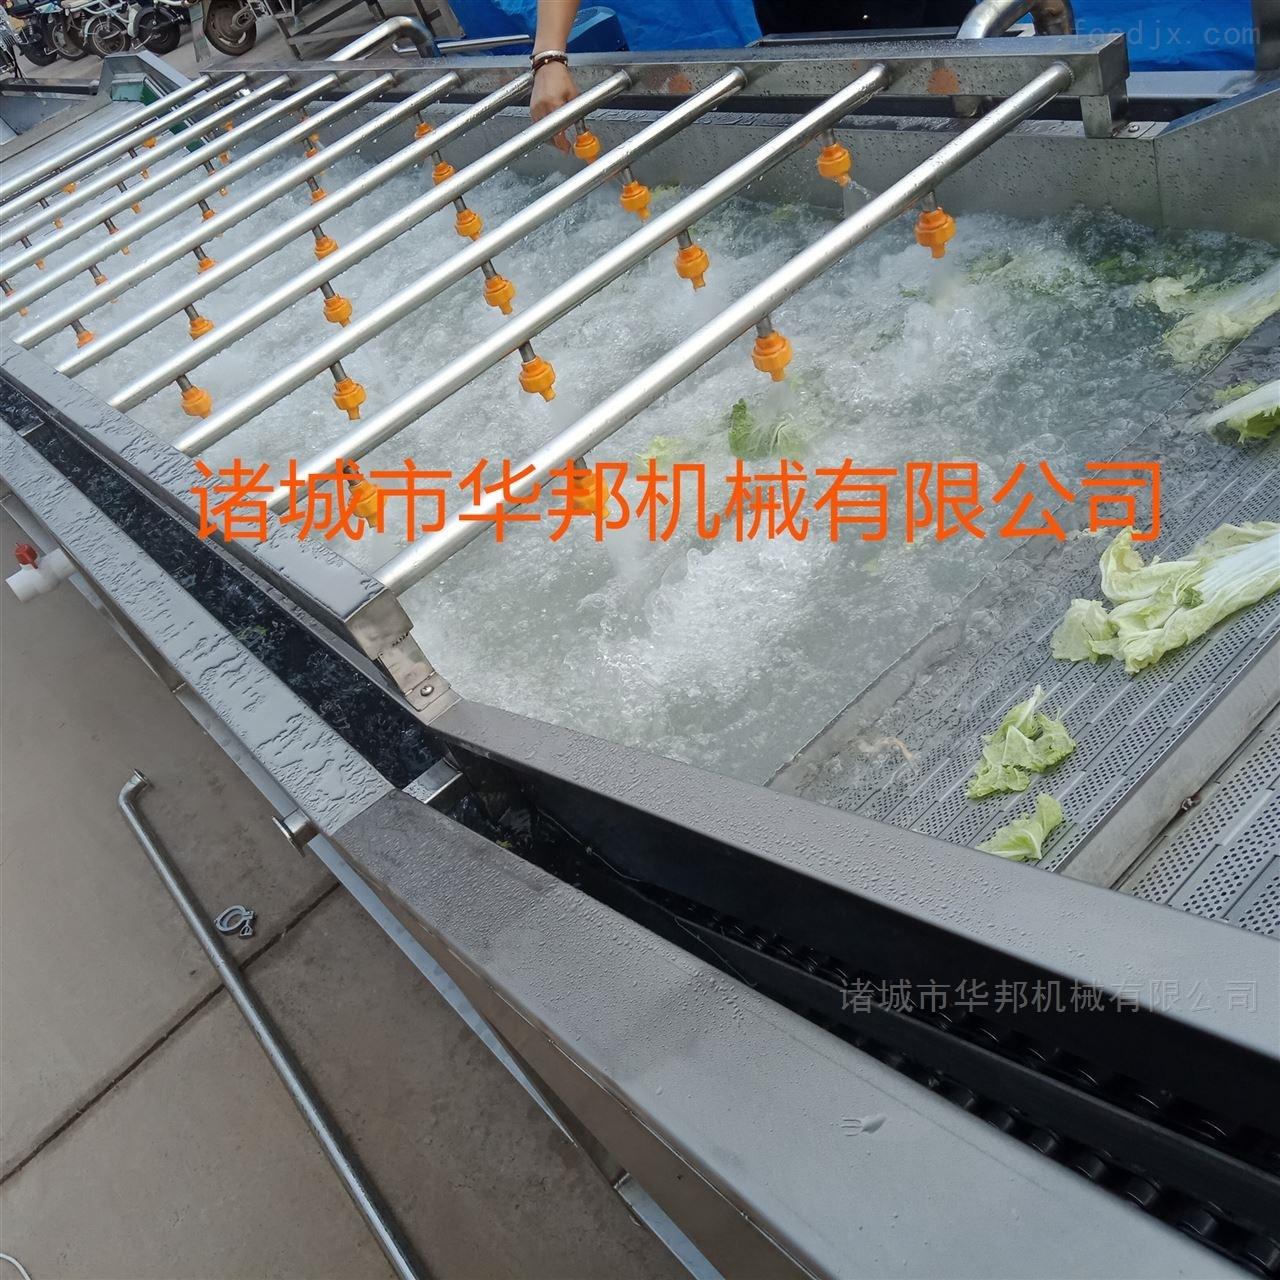 专业研发蔬菜清洗机 果蔬清洗流水线原理